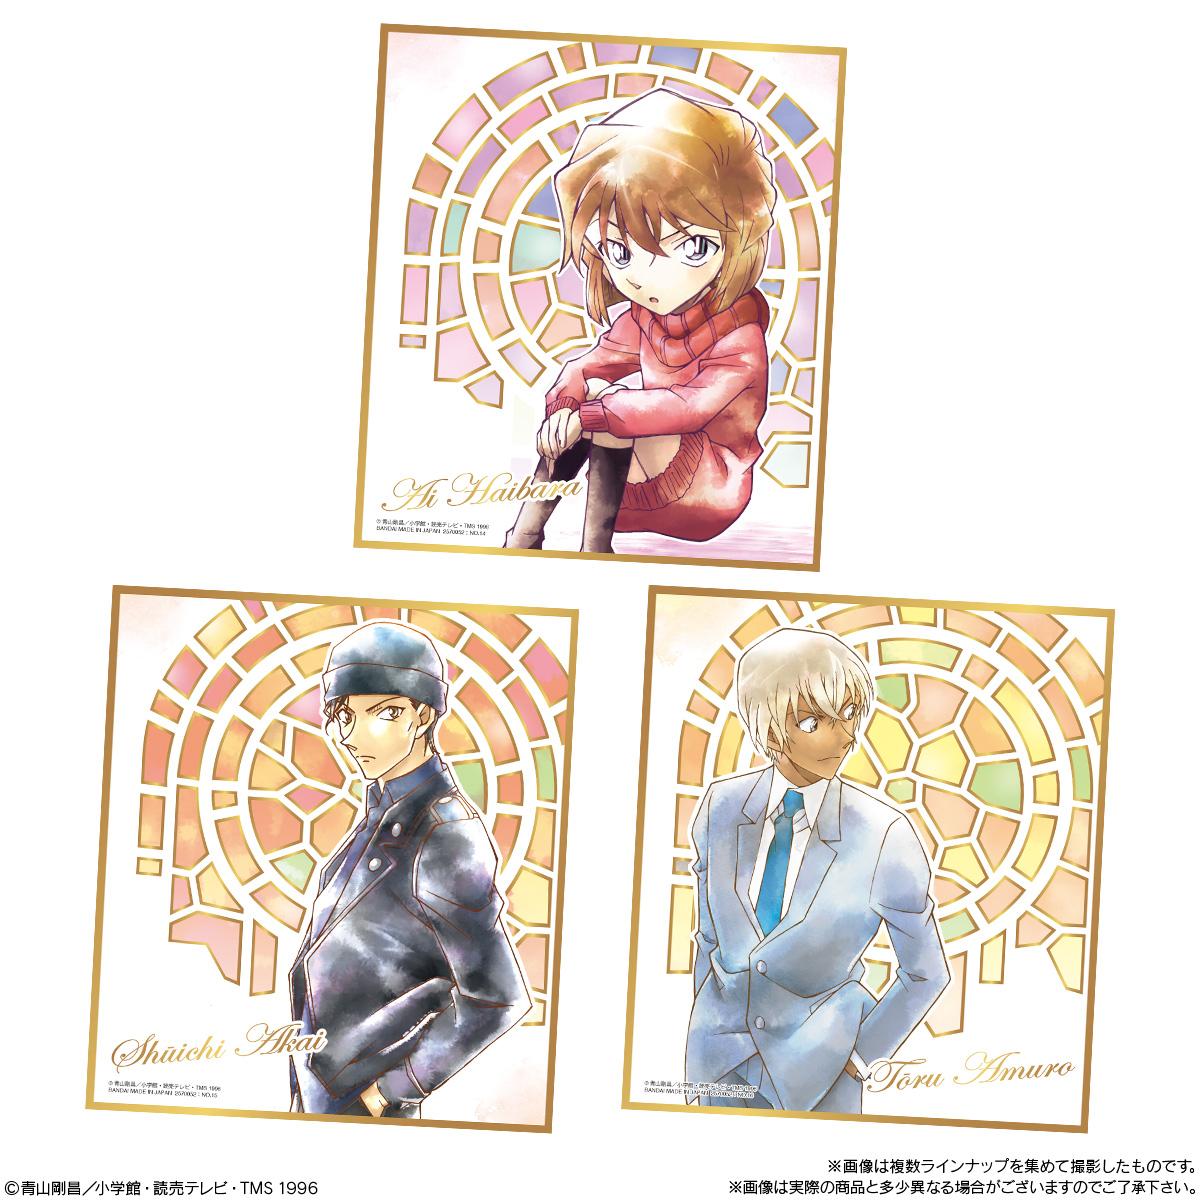 【食玩】『名探偵コナン色紙ART6』10個入りBOX-006